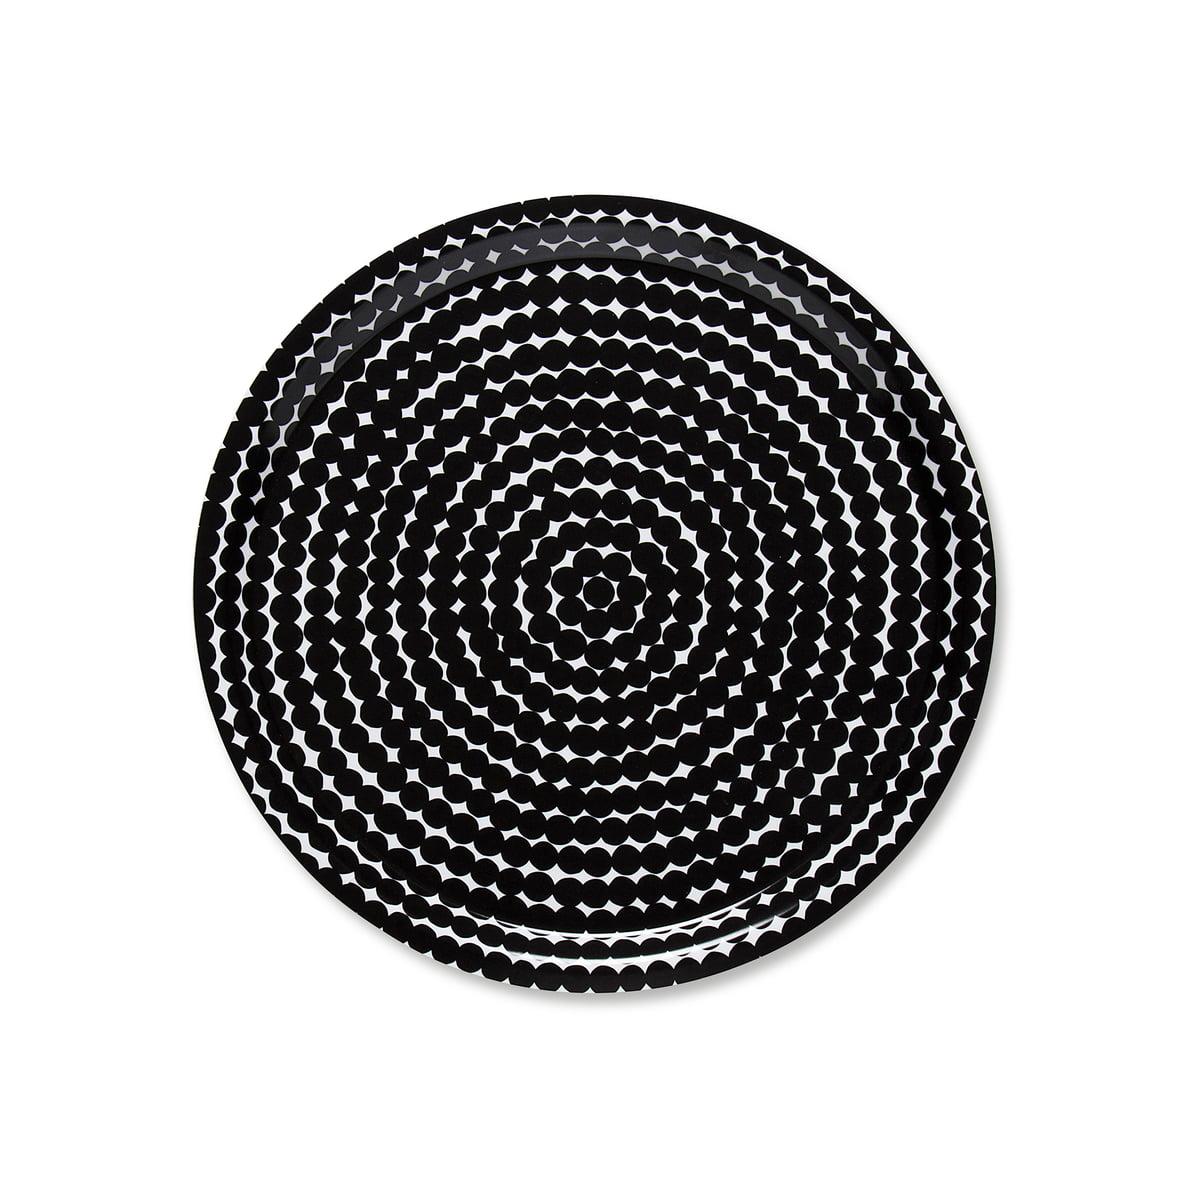 r symatto tablett rund von marimekko connox. Black Bedroom Furniture Sets. Home Design Ideas